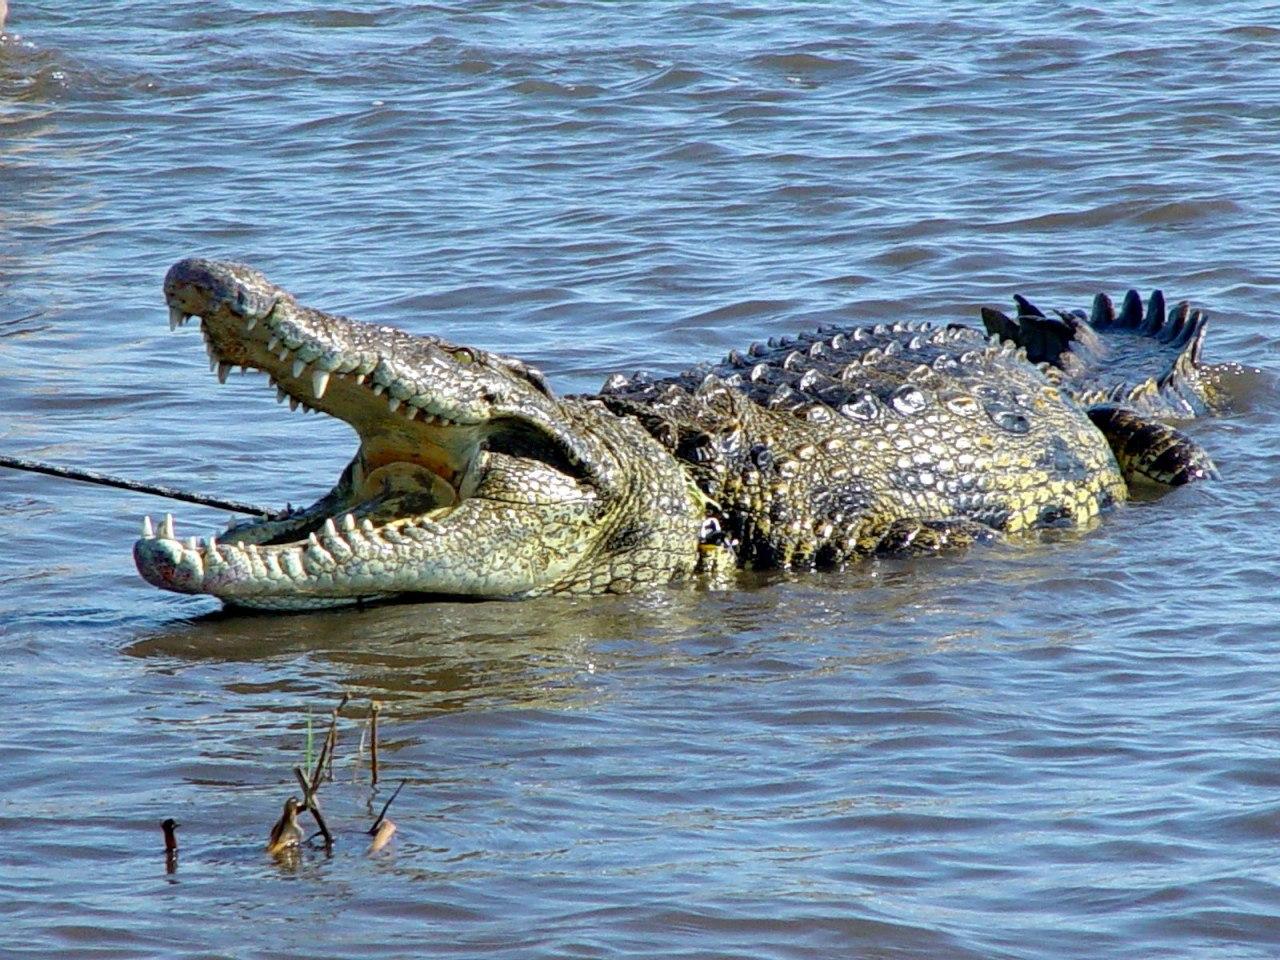 В Ростовской области в реке Дон выловили нильского полутораметрового крокодила